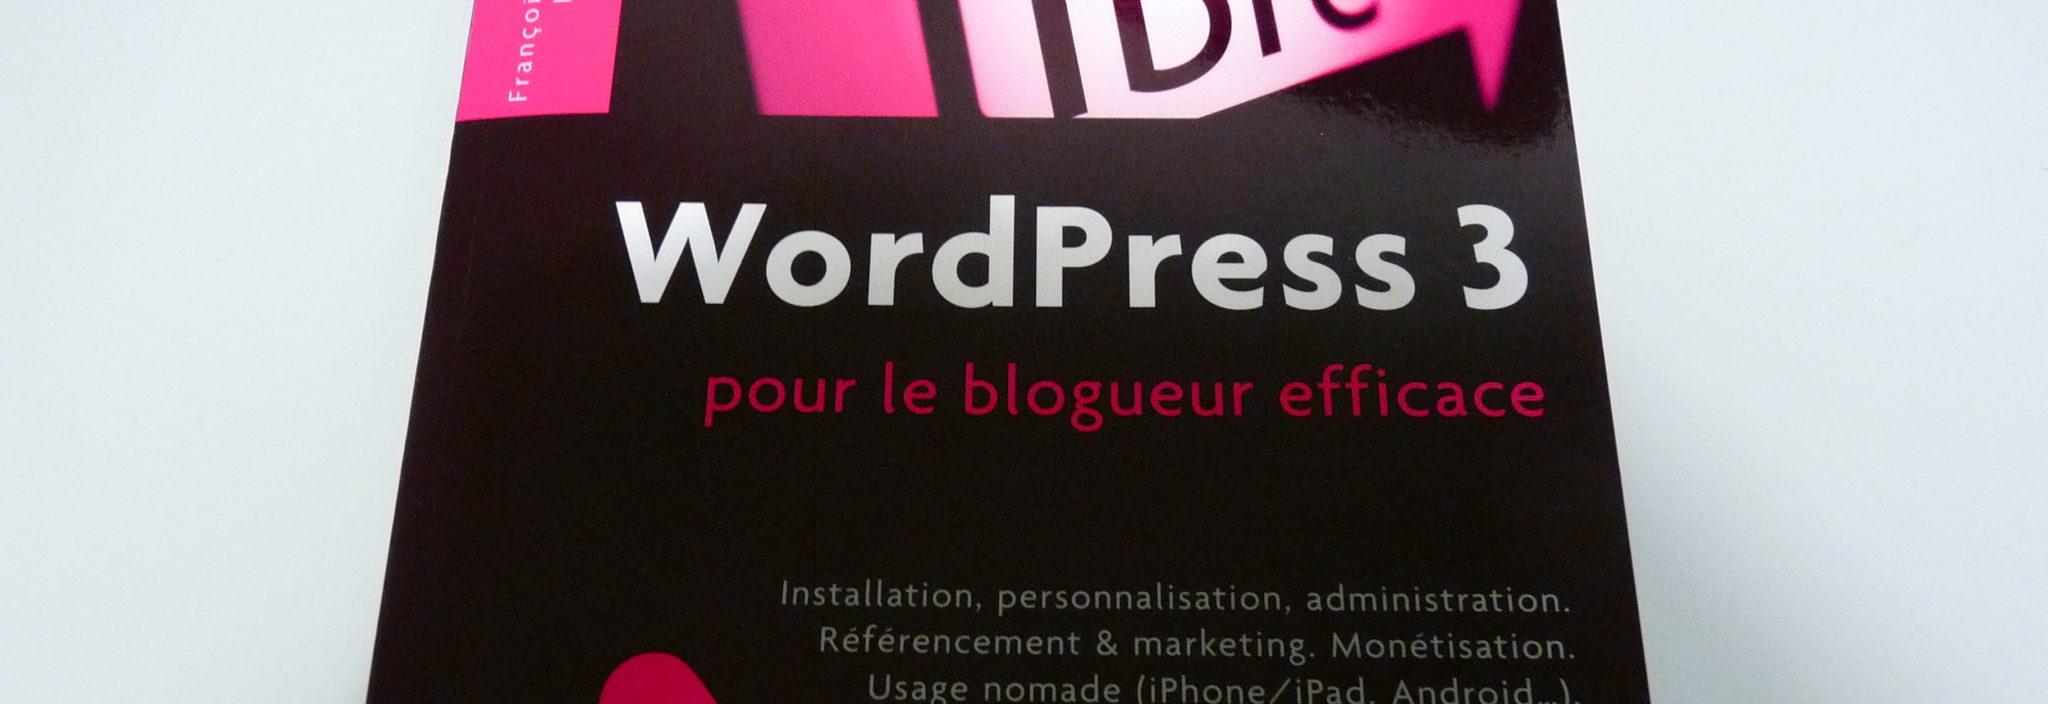 """Photographie - Couverture du libre """"WordPress 3 pour le blogueur efficace"""""""